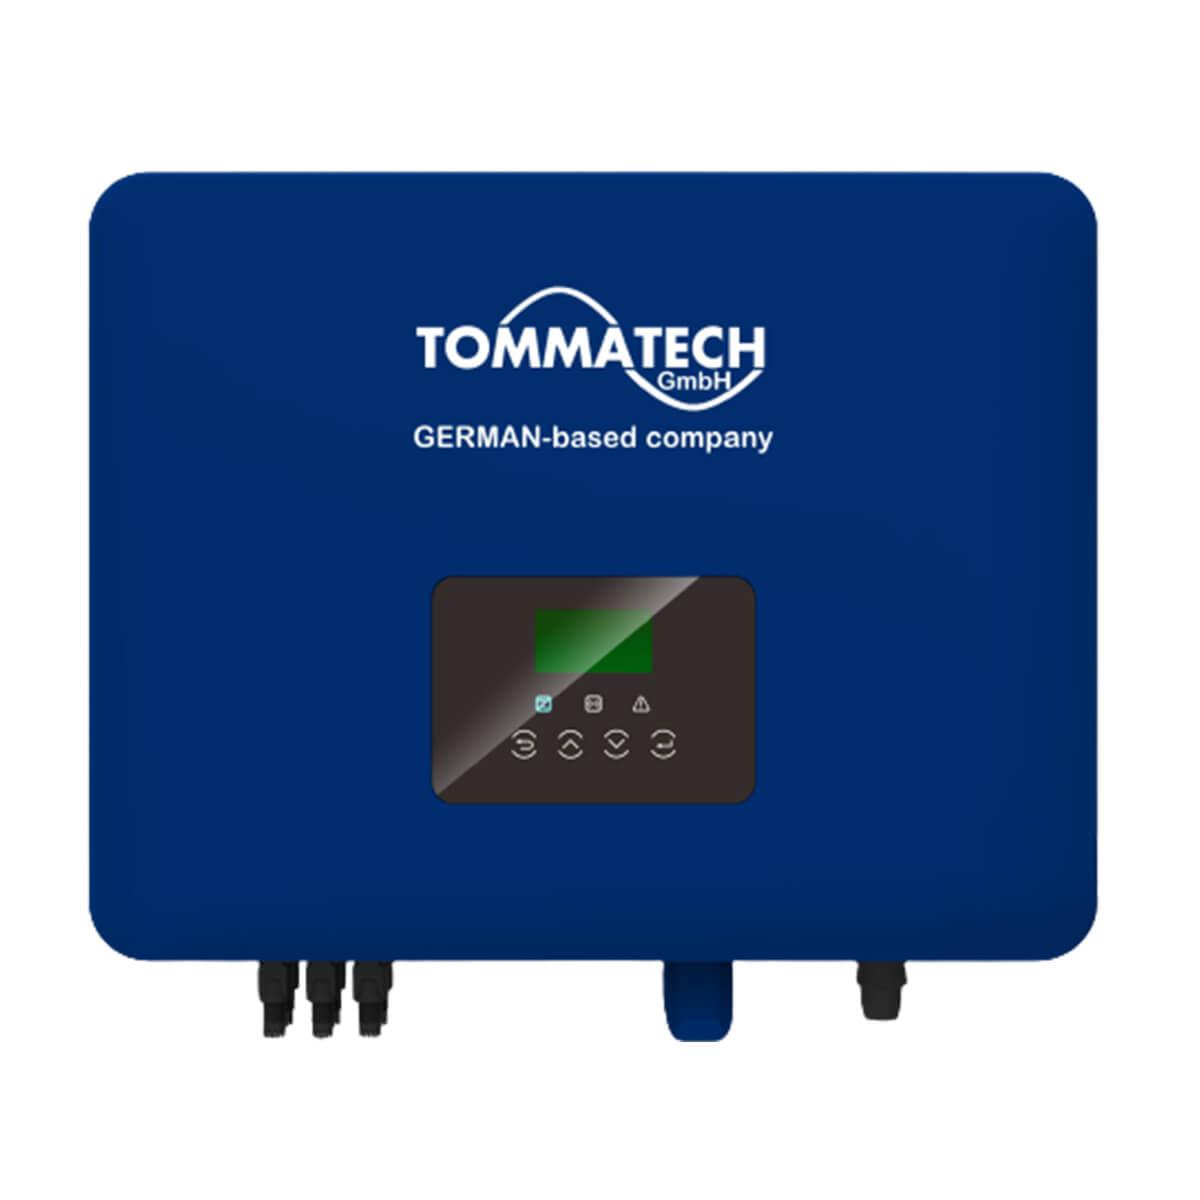 tommatech 10kW inverter, tommatech trio 10kW inverter, tommatech trio-p-10.0 inverter, tommatech trio-p-10.0, tommatech trio 10 kW, TOMMATECH 10kW